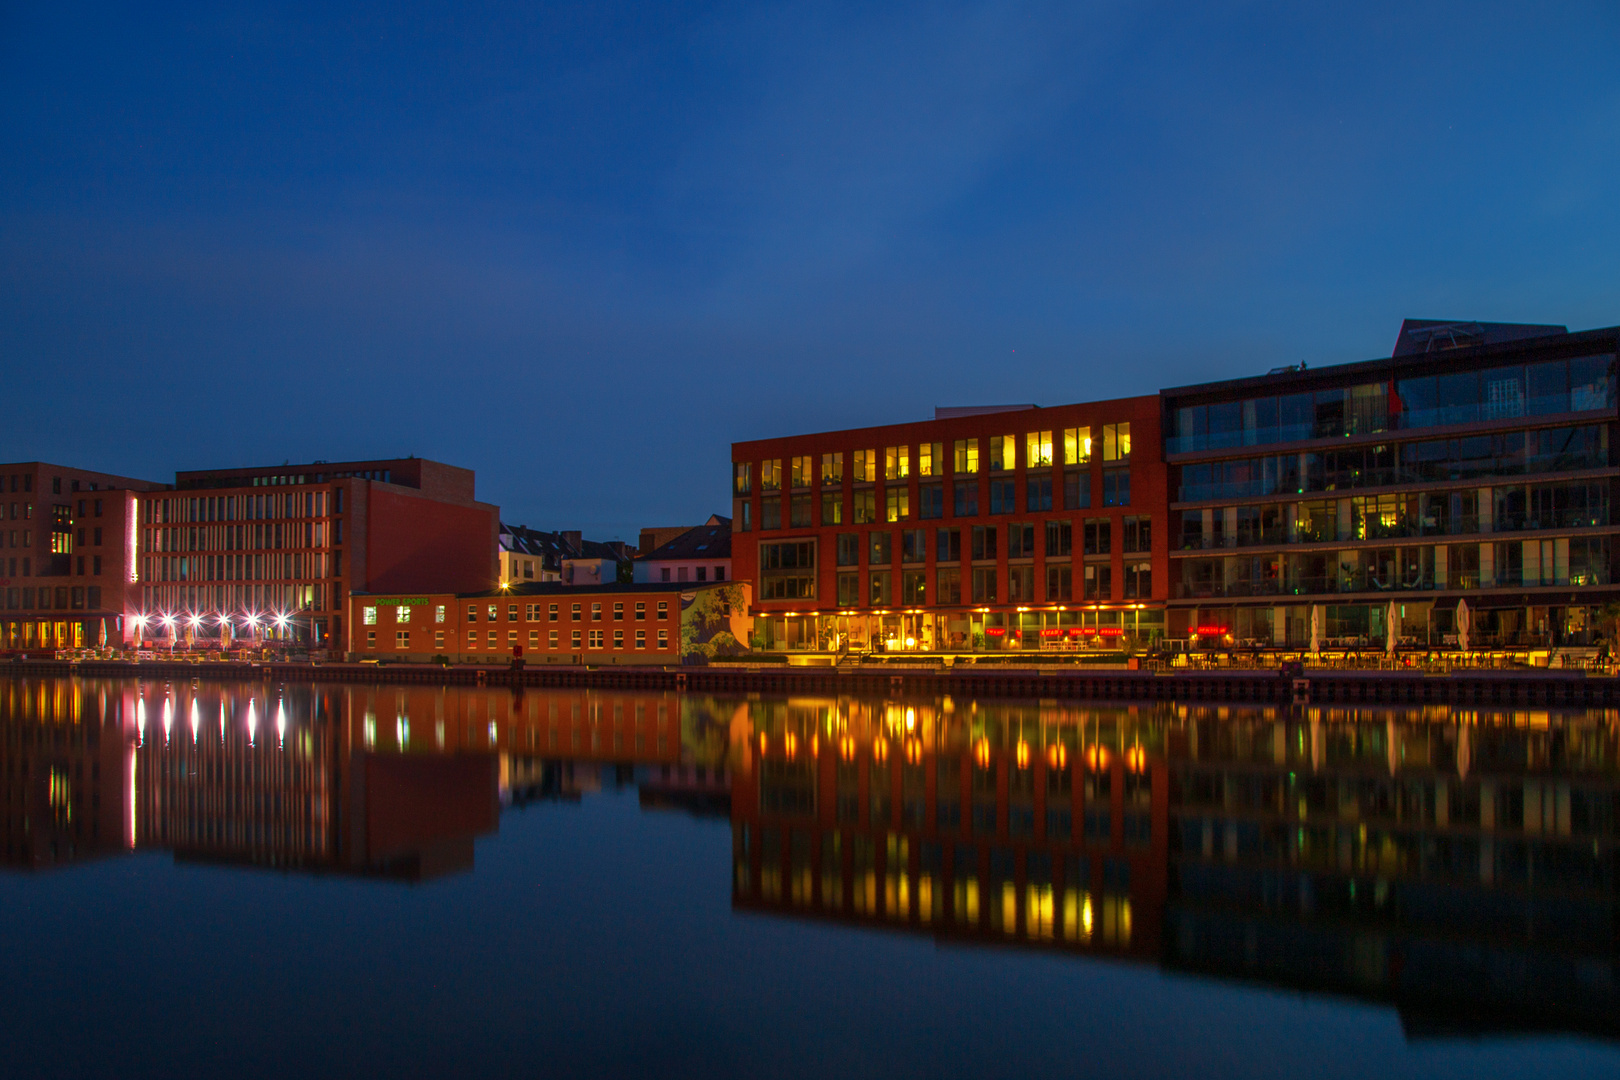 Münster Hafen mal anders